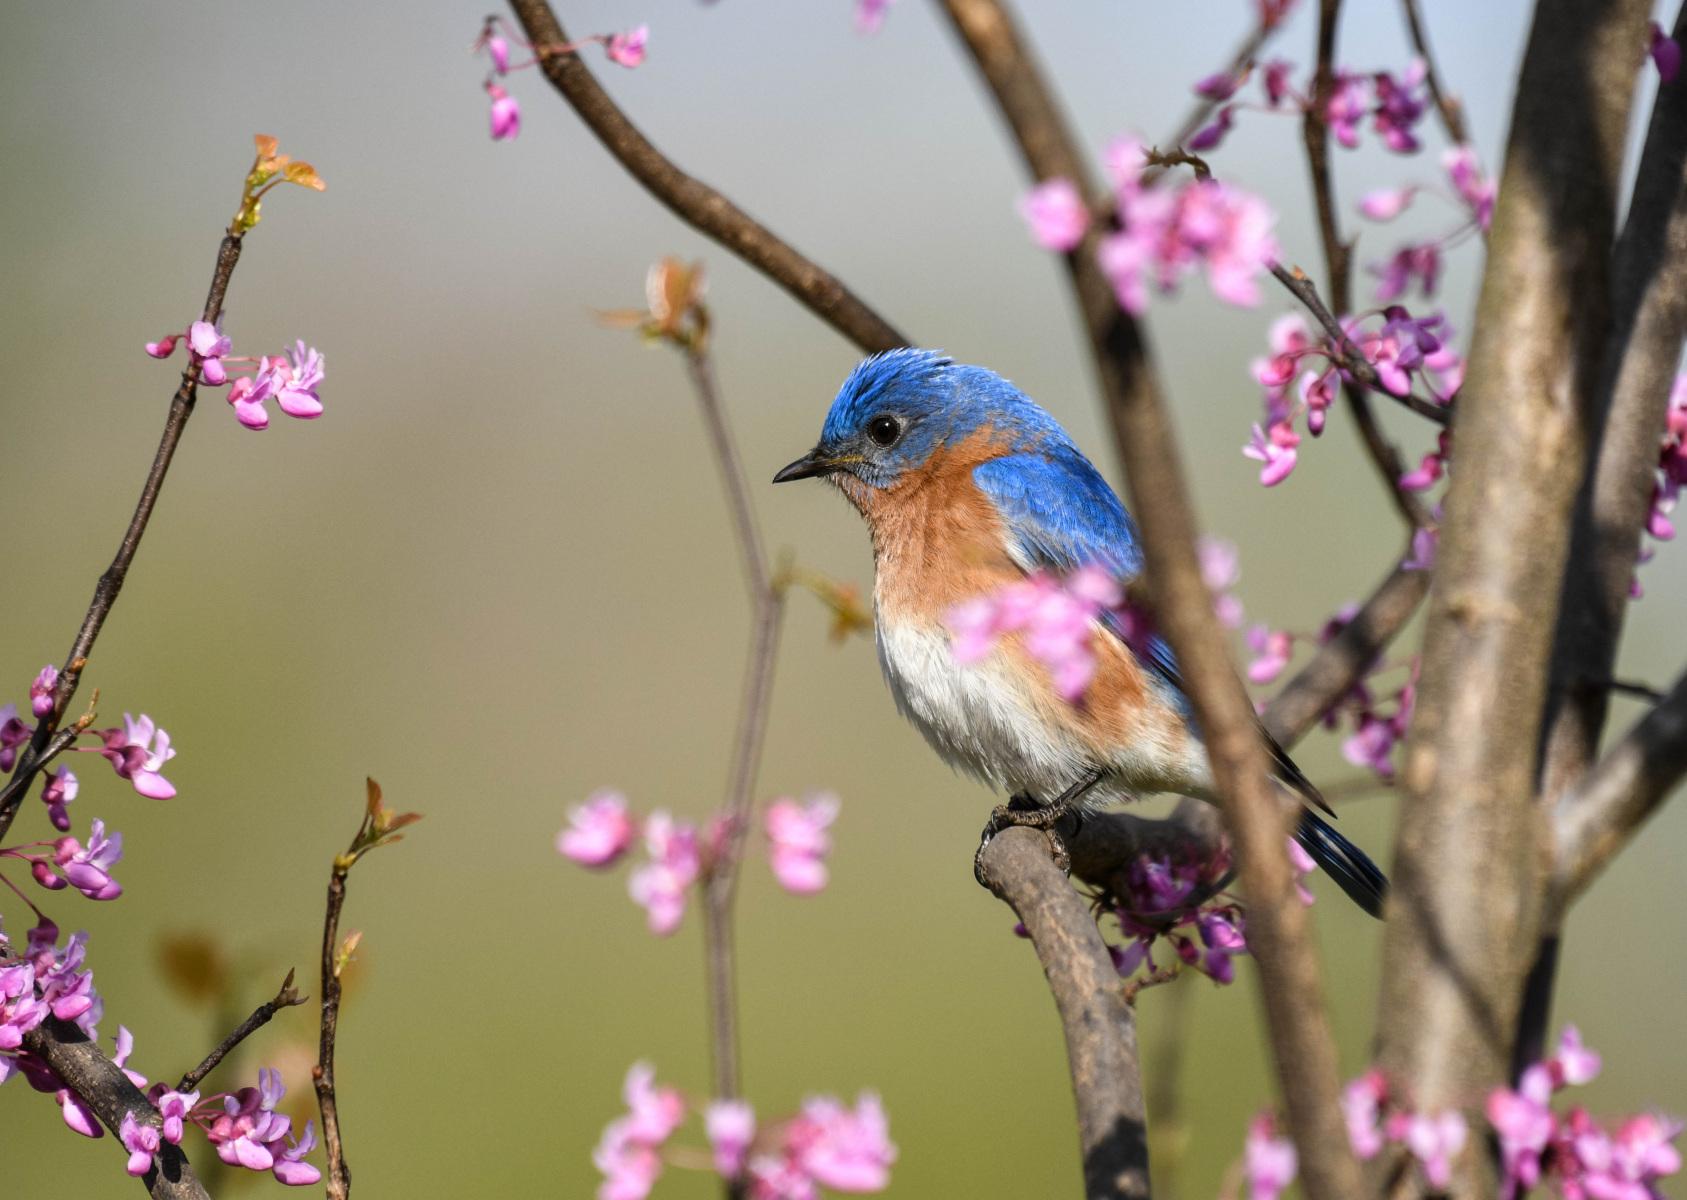 Eastern Bluebird by Steve Ricketts